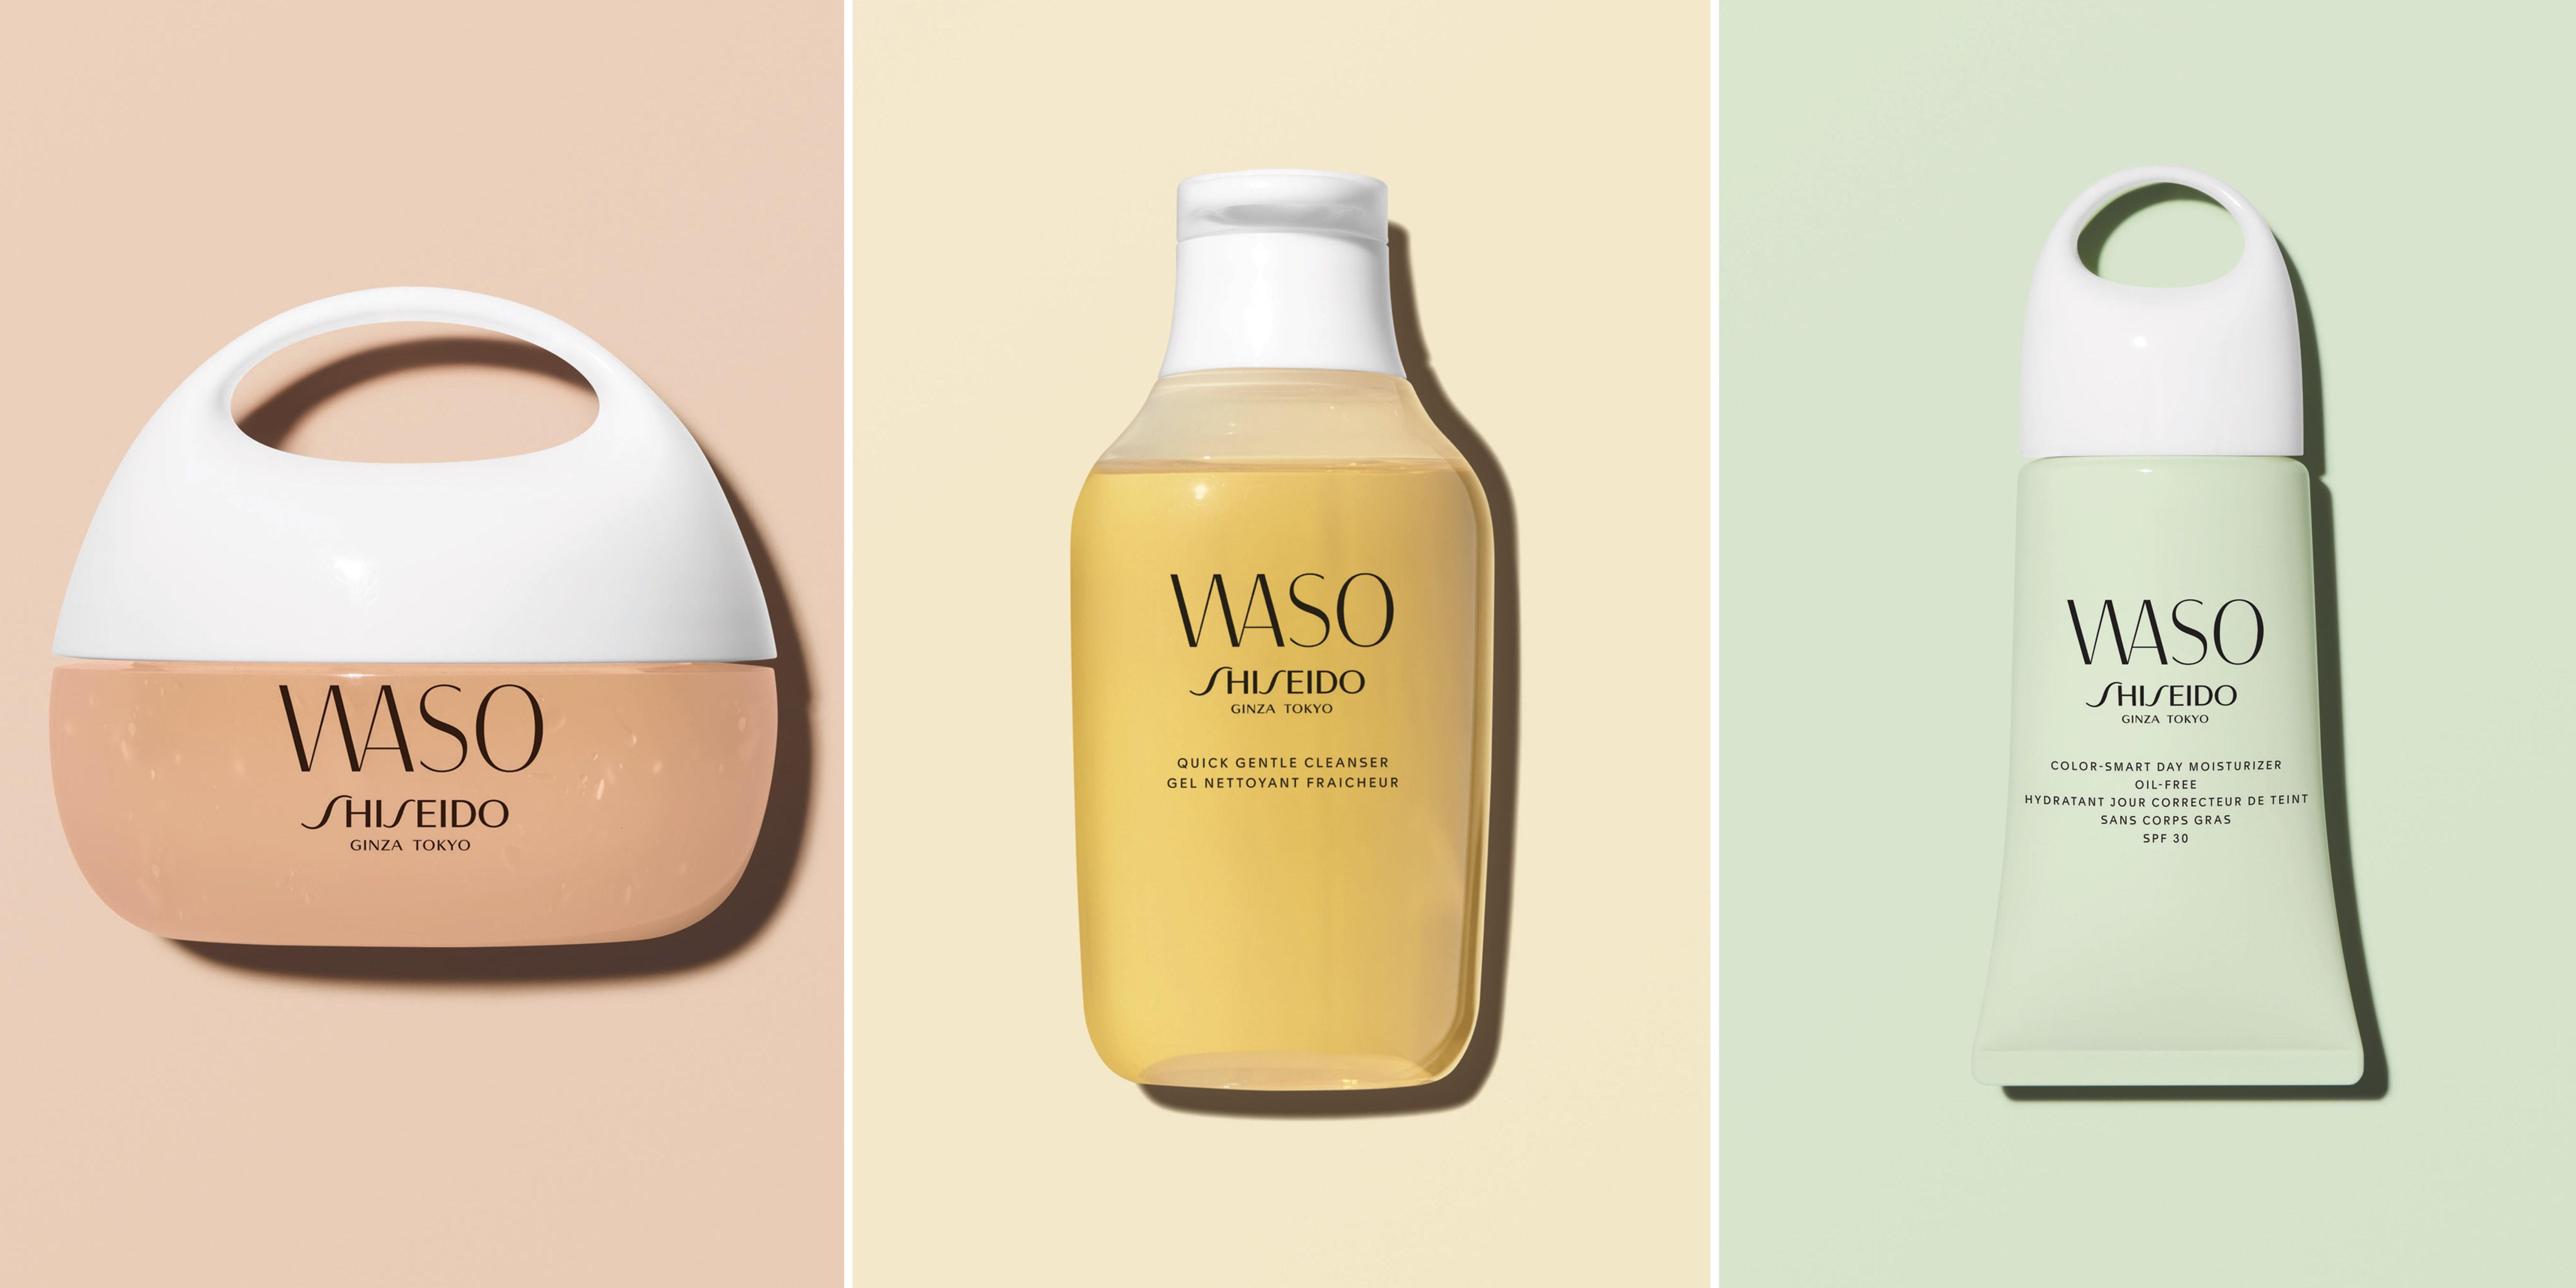 waso shiseido